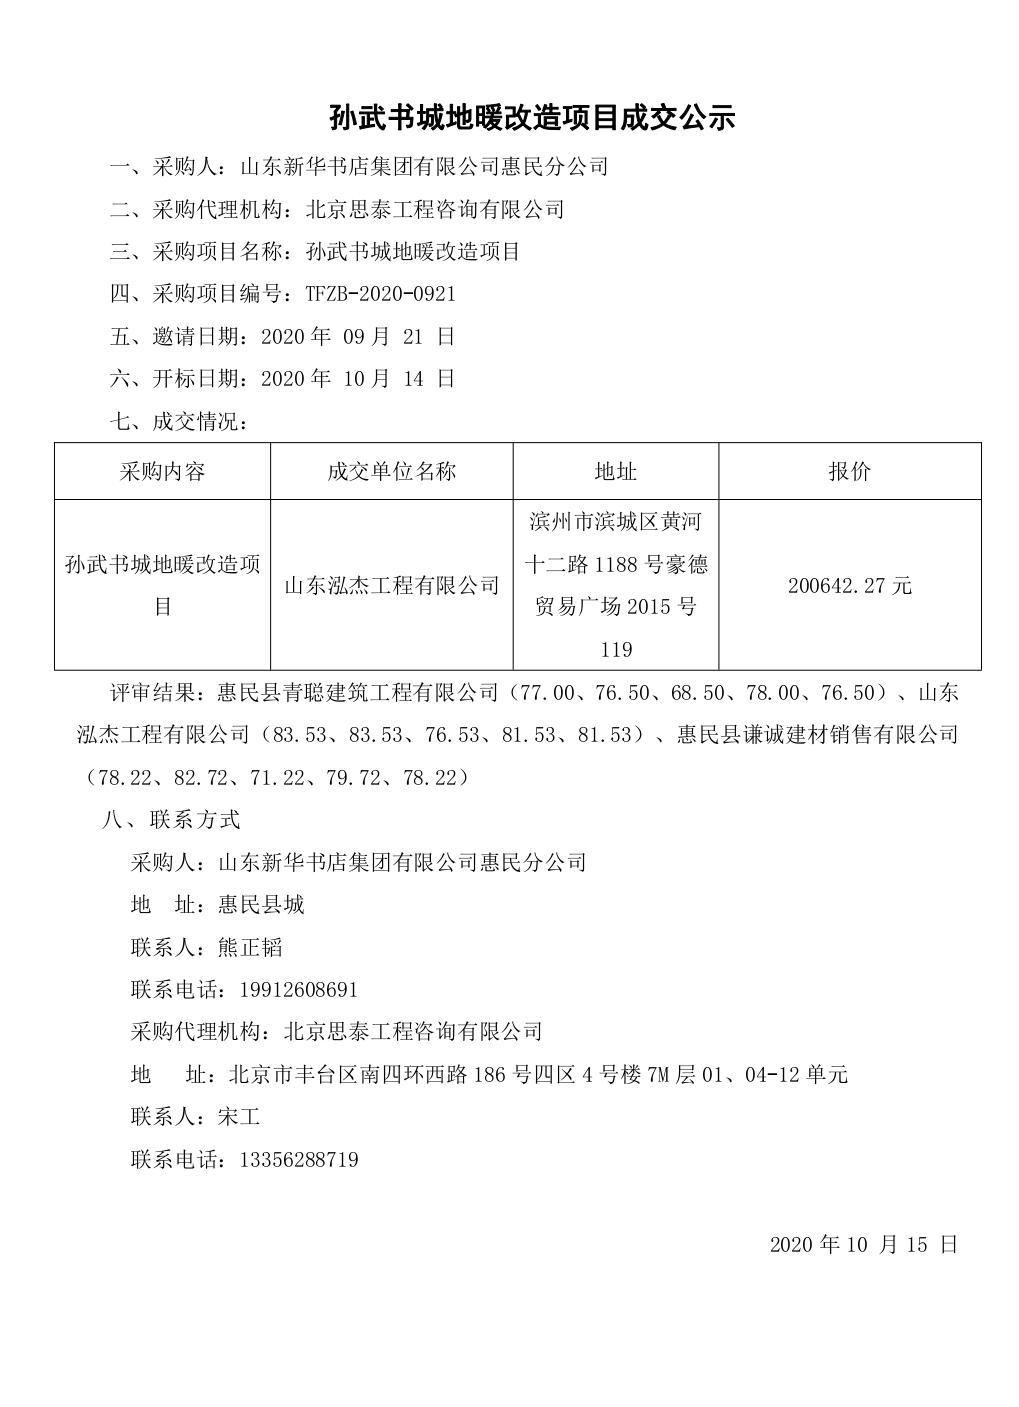 孙武书城地暖改造项目成交公示